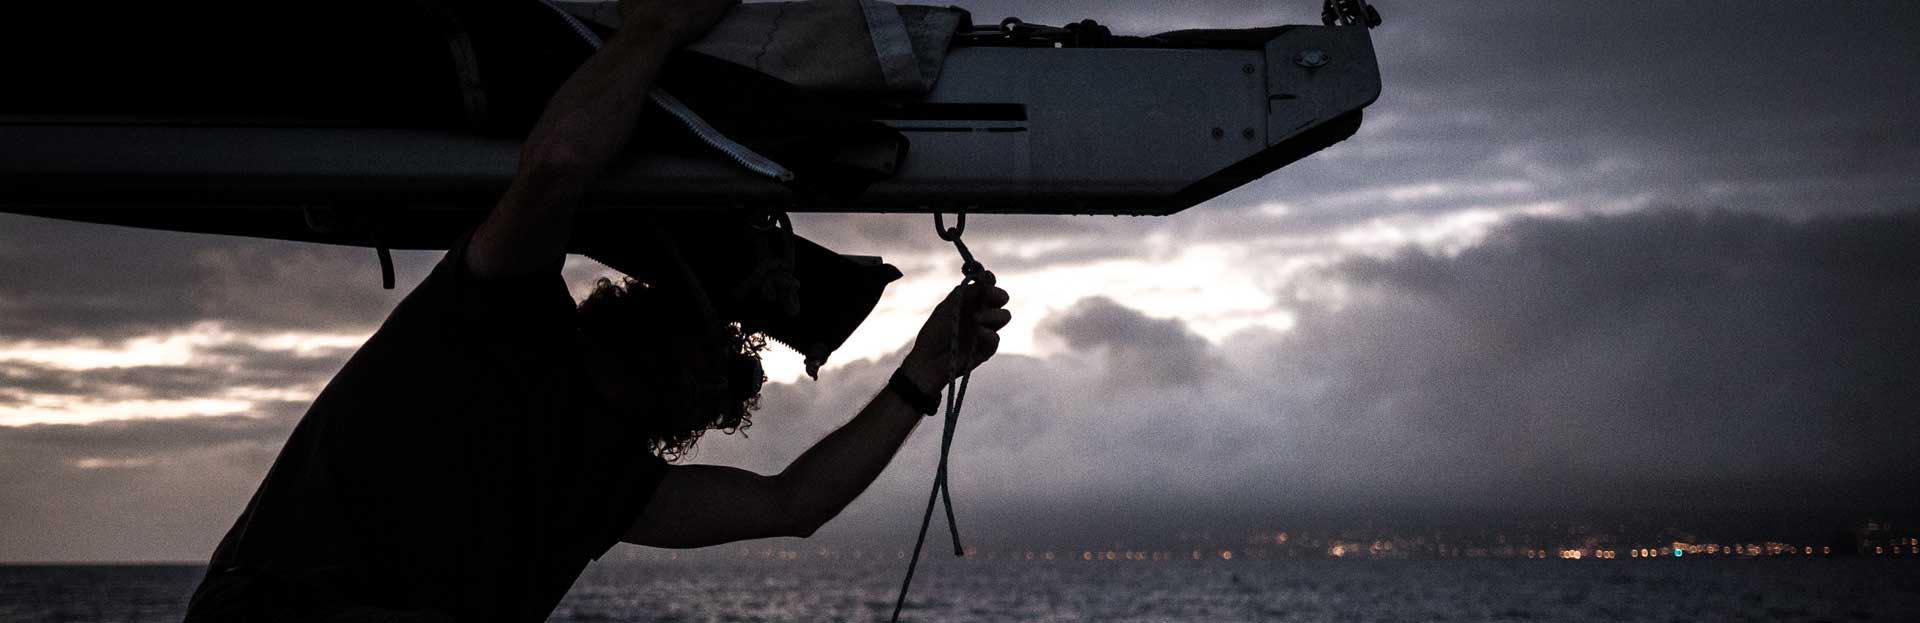 nous croyons bateau au coucher de soleil